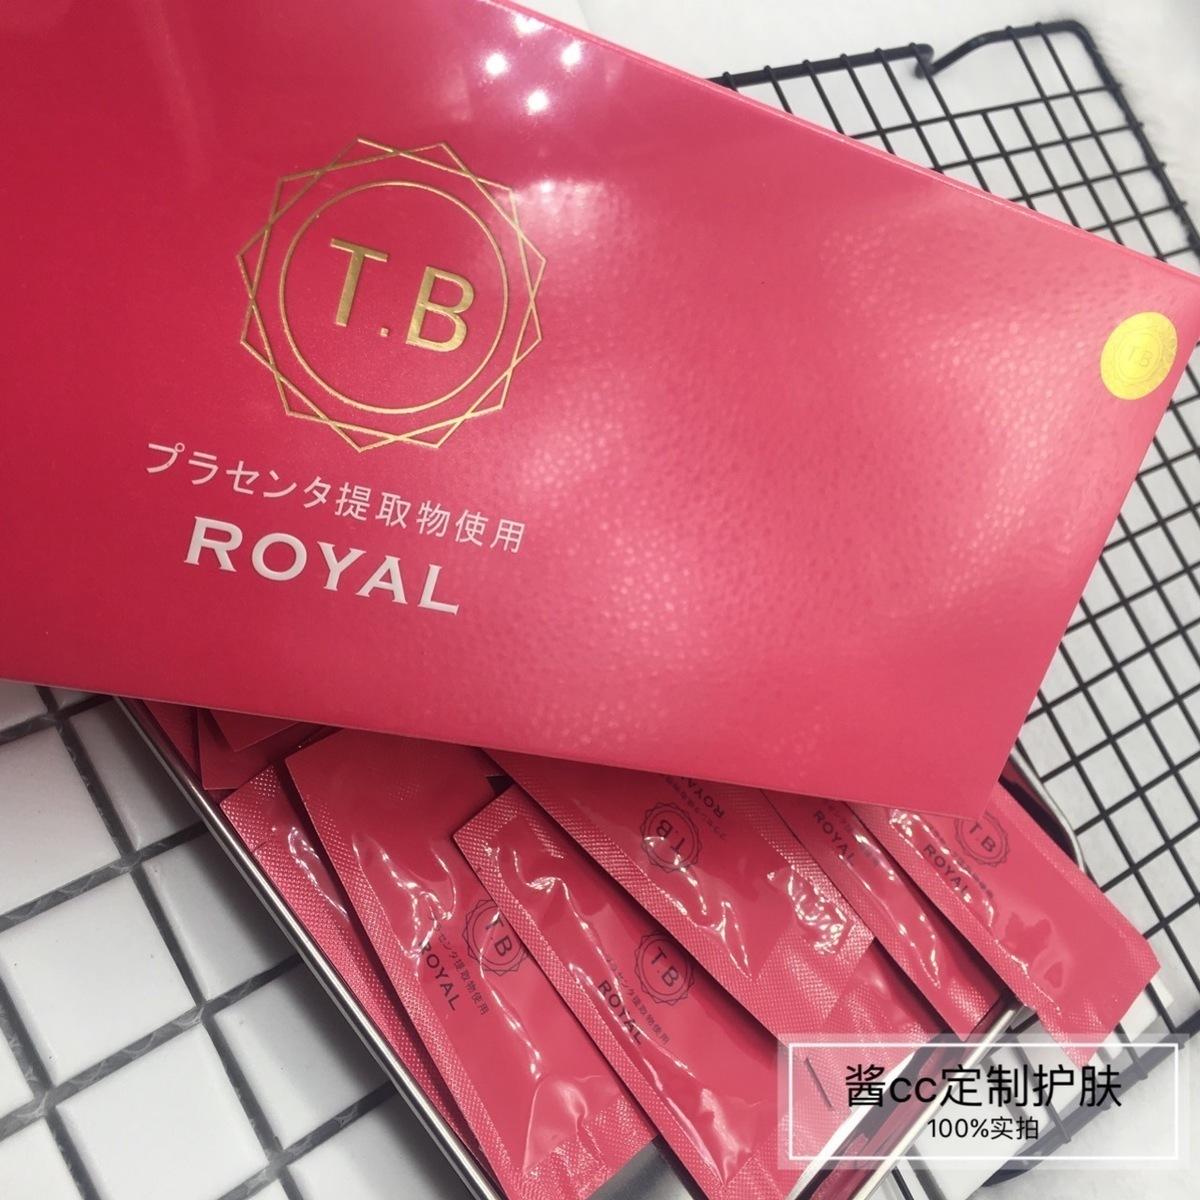 限量日本T.B天倍 ROYAL臍帶血引流胎盤精華嫩膚收縮毛孔活膚90片